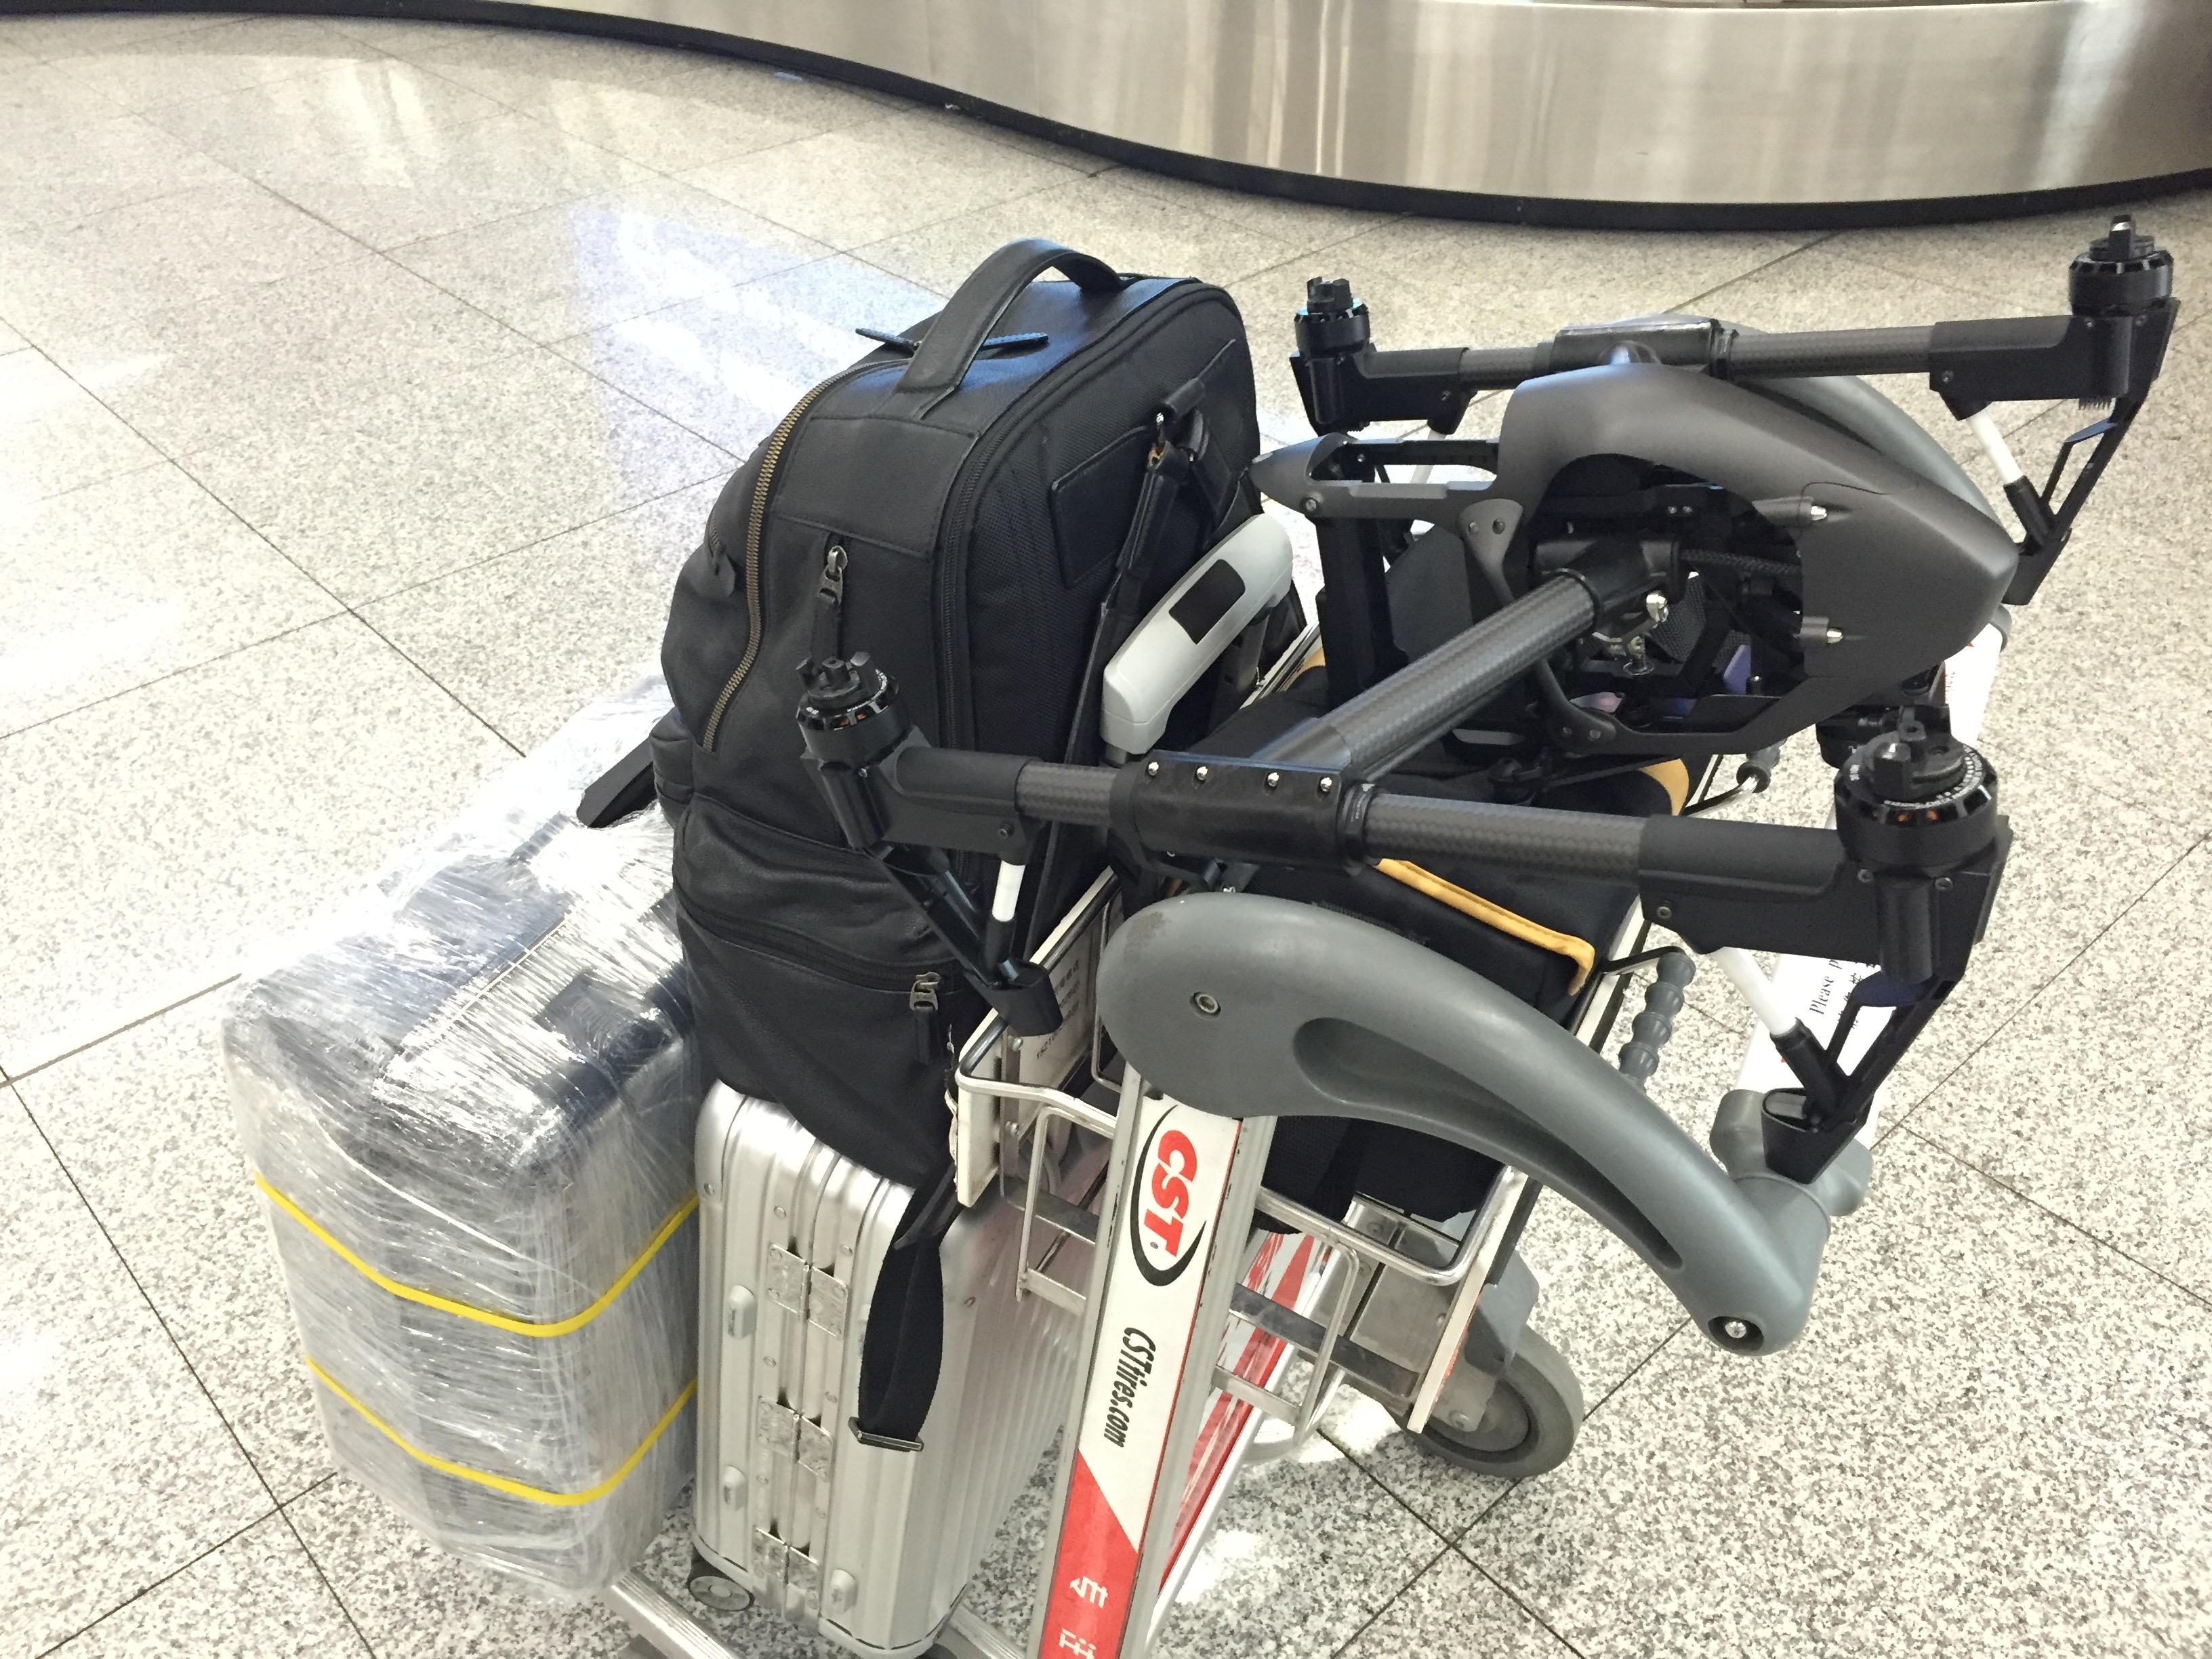 国内航线按规定能随身携带上飞机的行李尺寸为55cm40cm20cm(三边长度相加不超过115cm),国际航班多数为三边尺寸之和不超过158cm。悟的箱子是超过这个尺寸的,所以严格来说是不可以随身携带的。当然,包括我身边的飞友在内,确实有人直接拎上去了,这只能说你碰巧遇上了管理不太严格的机场。昨天我飞的时候机场告诉我从6.